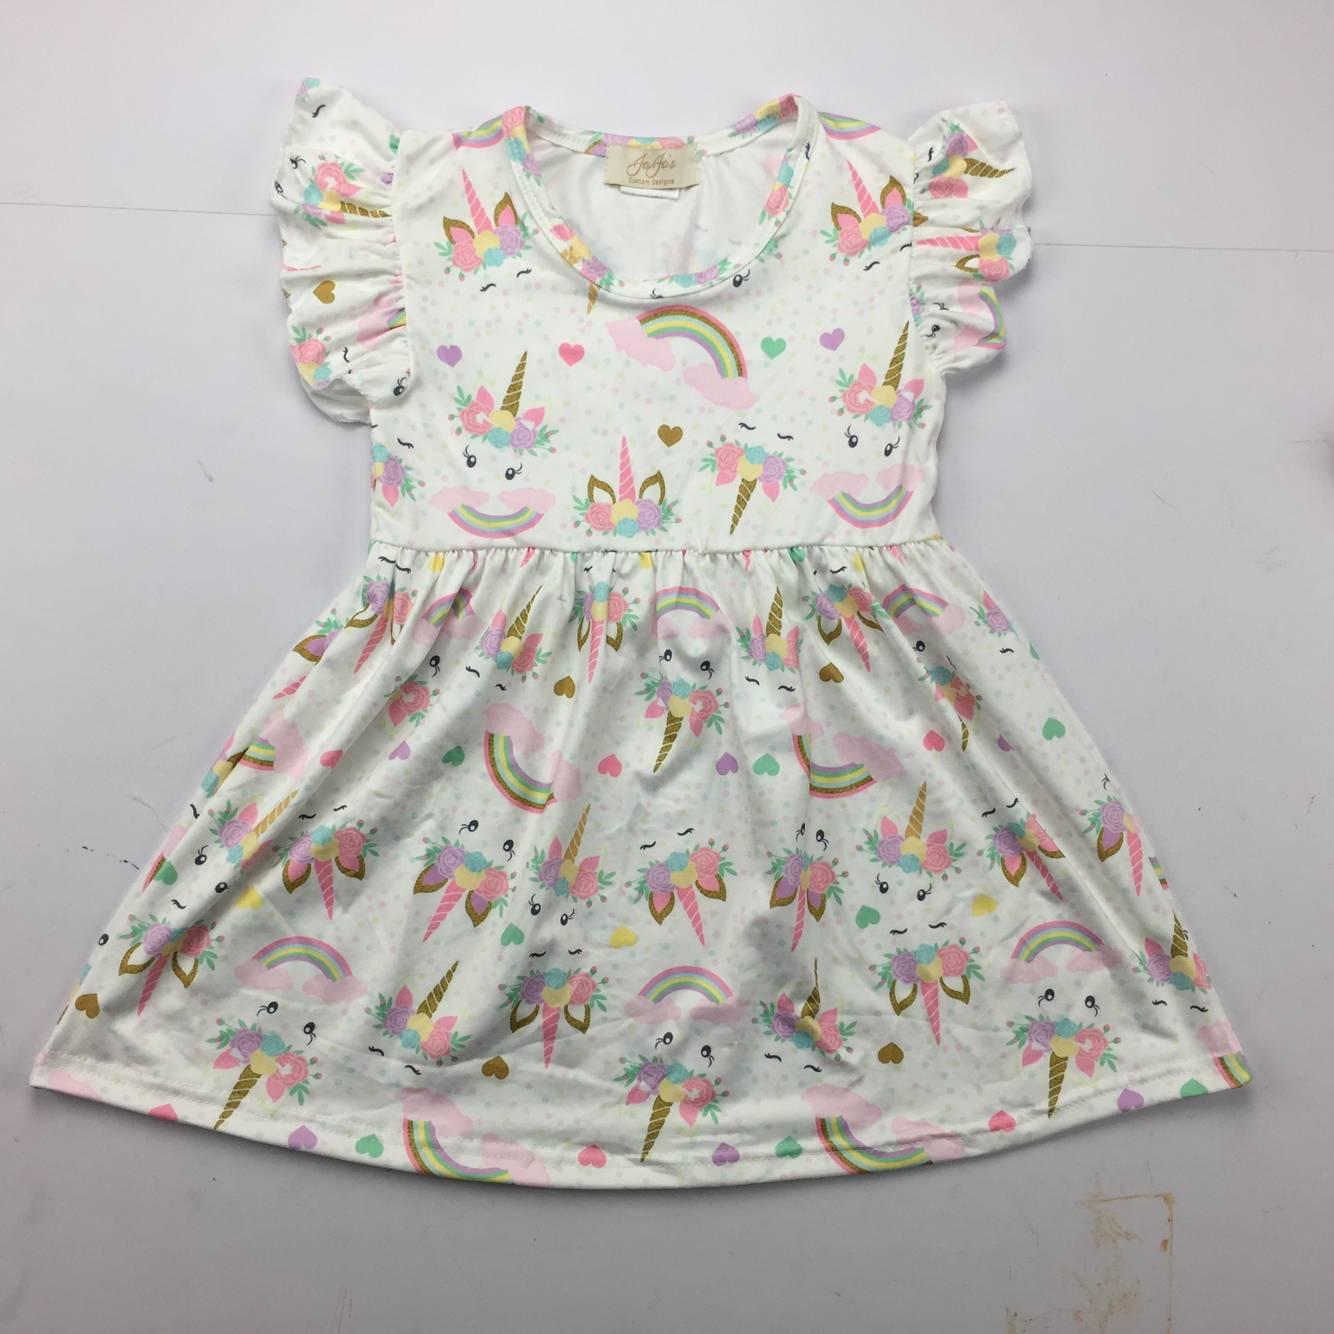 Baby-parteikleid Kinder Kleider Designs Mädchen Kleid Namen Mit ...